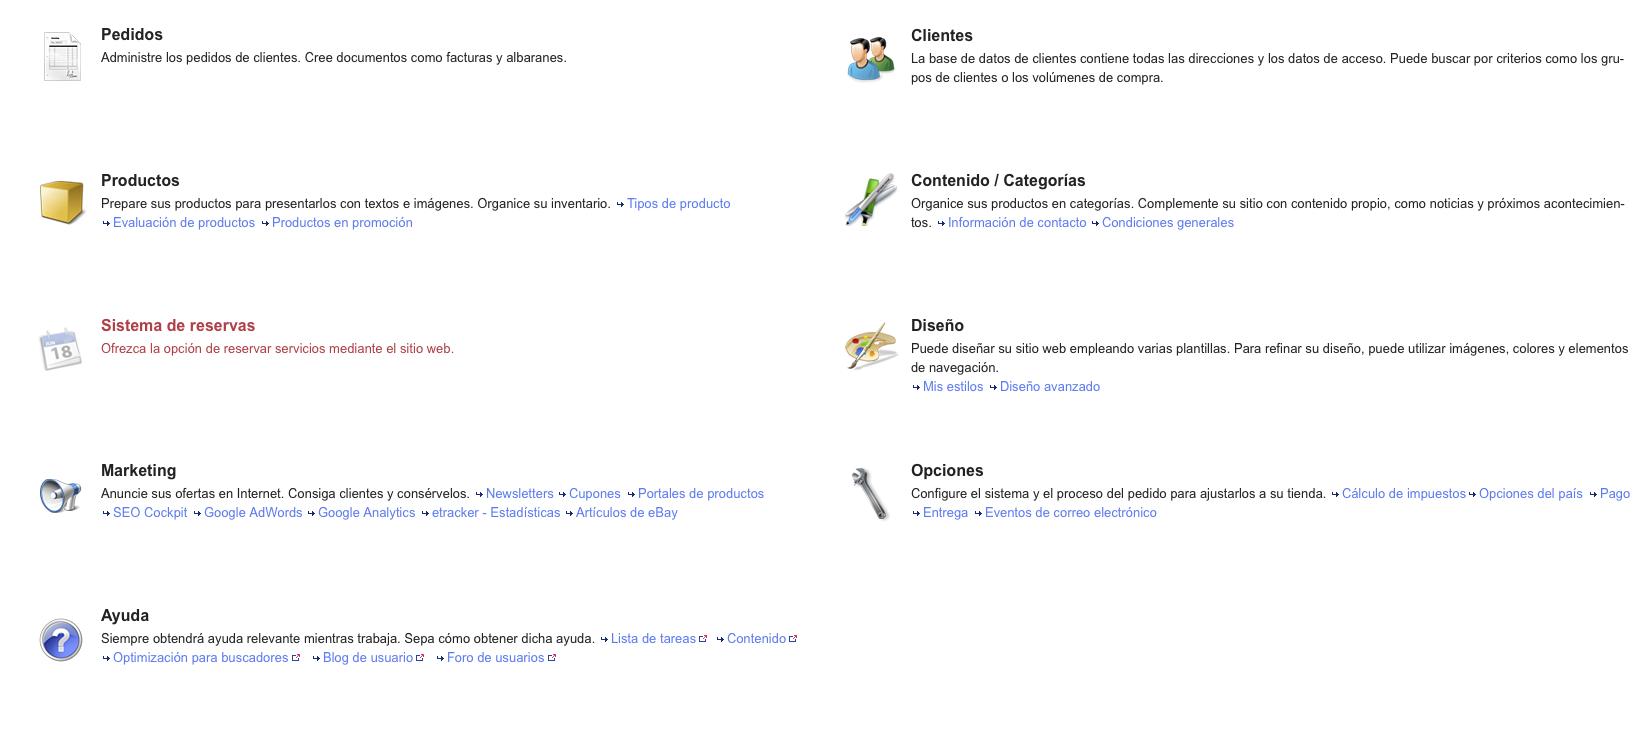 Captura de pantalla 2014-06-11 a la(s) 12.23.47